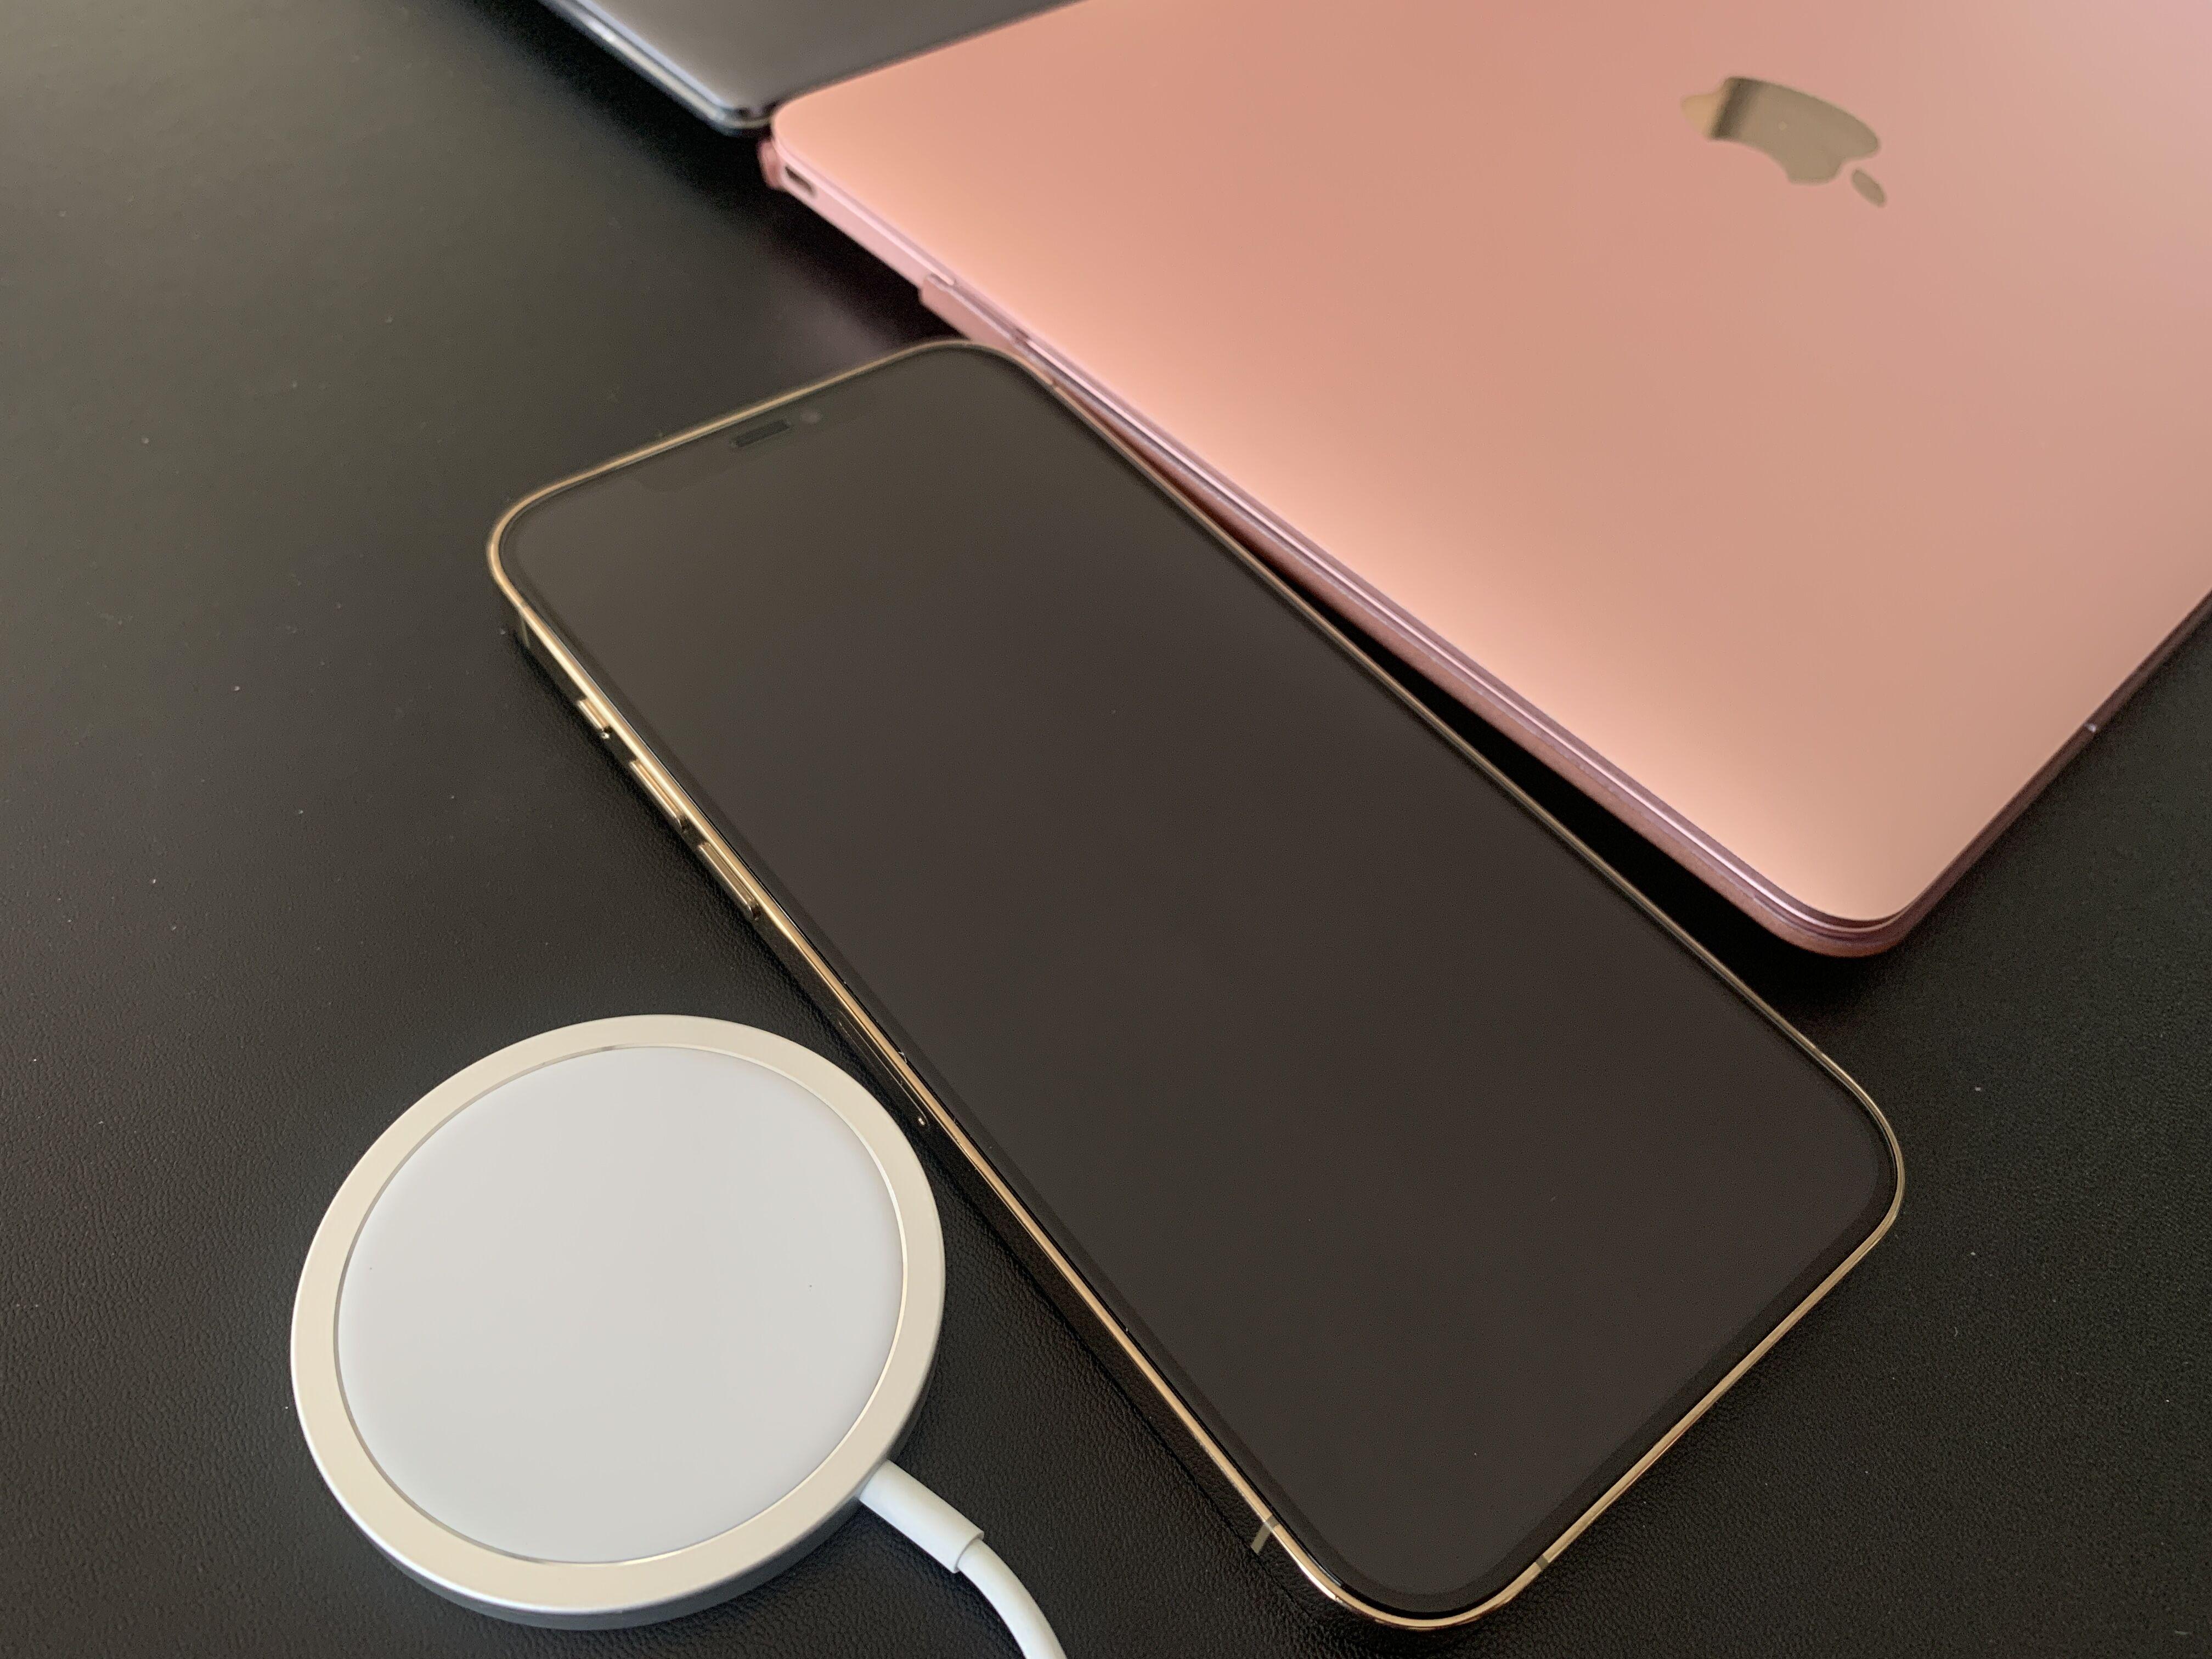 """高瓴资本前董事总经理赵小兵:""""十倍创新""""的苹果依然看不到天花板  """"被误读""""的特斯拉正开启万物互联"""